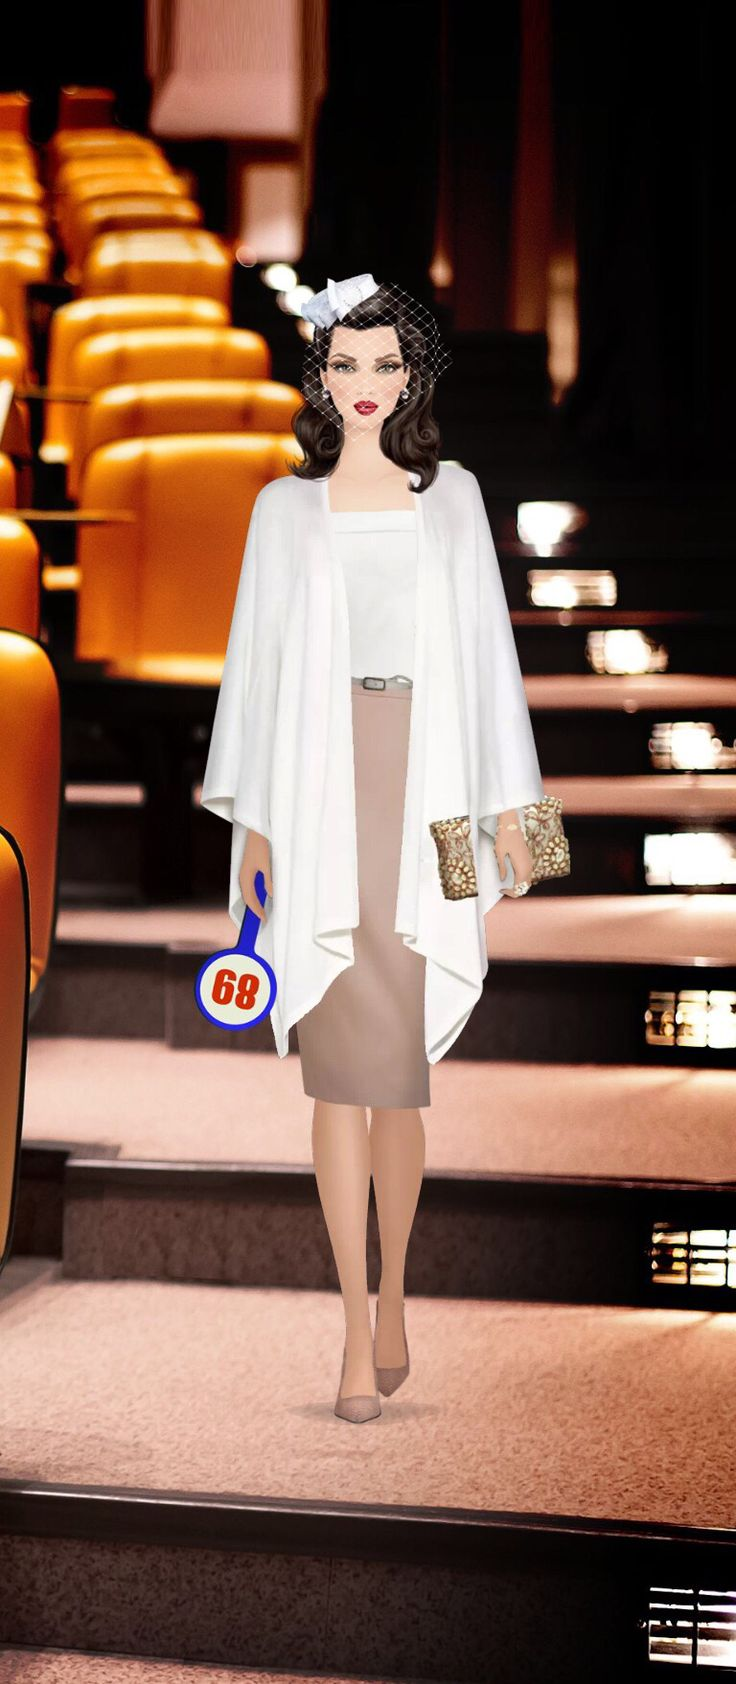 Veiled beauty Covet fashion games, Fashion, Covet fashion